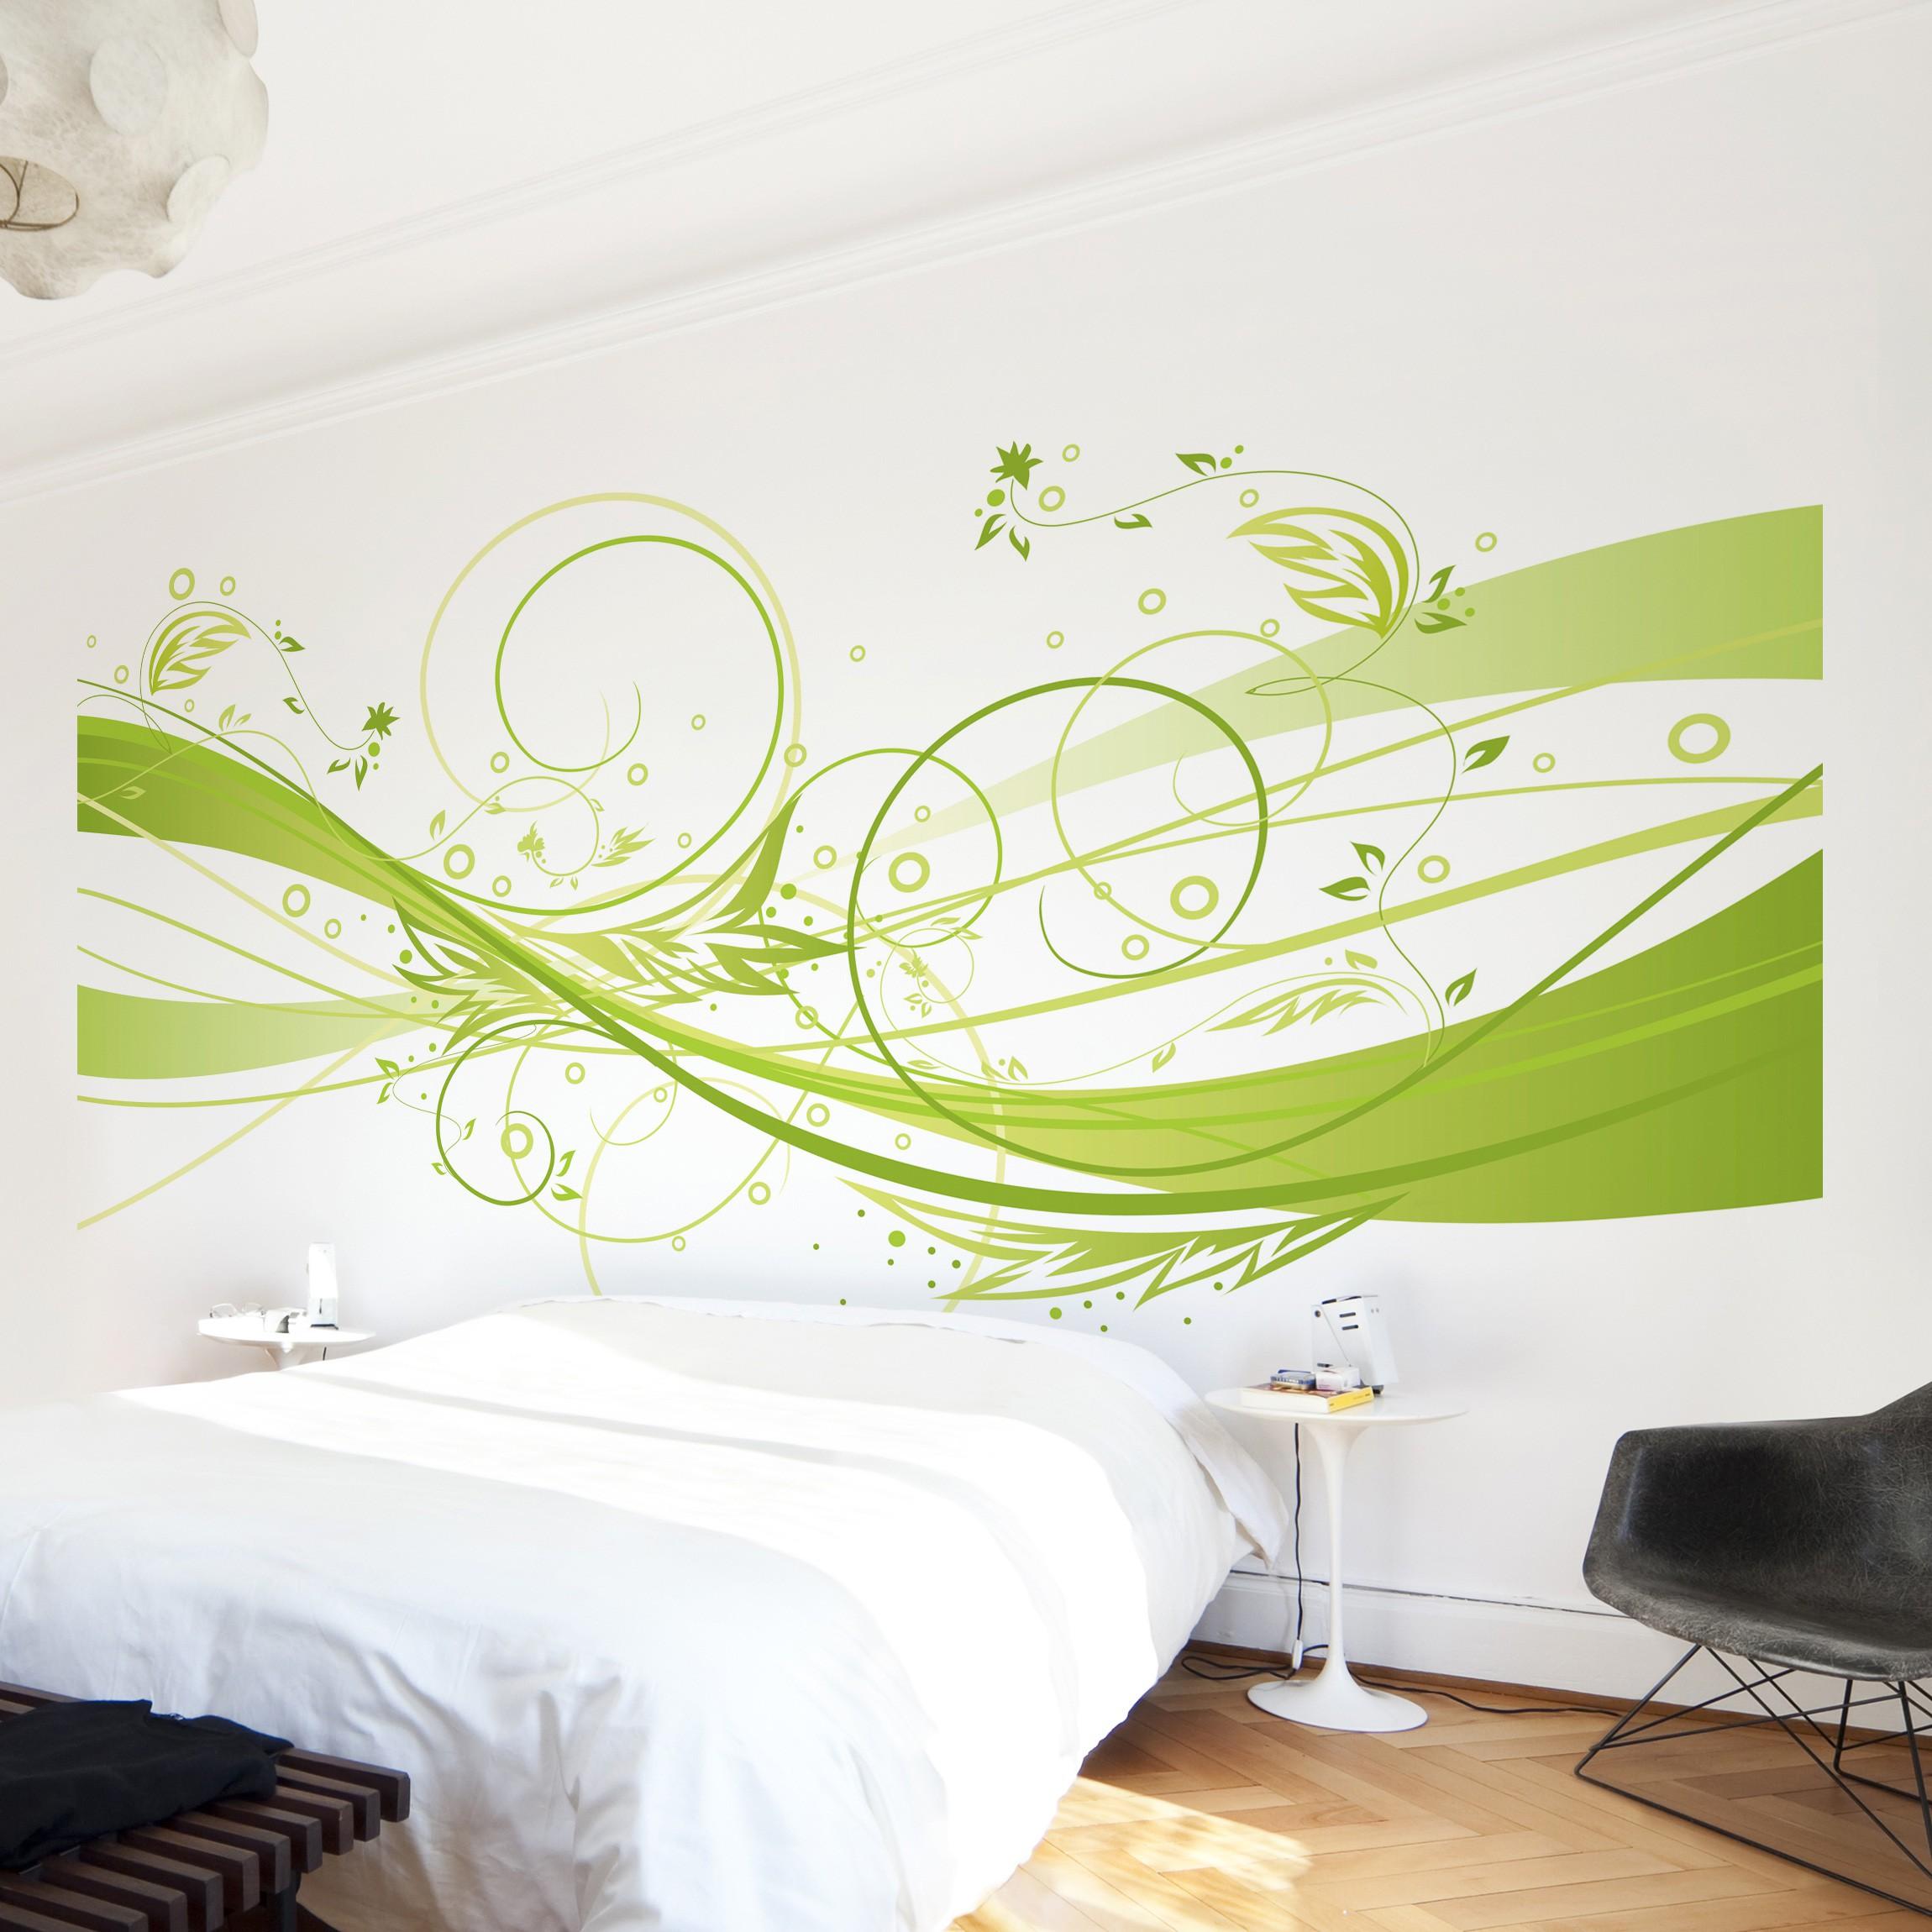 Absztrakt poszter tapéta. Forrás: www.oriasposzter.hu